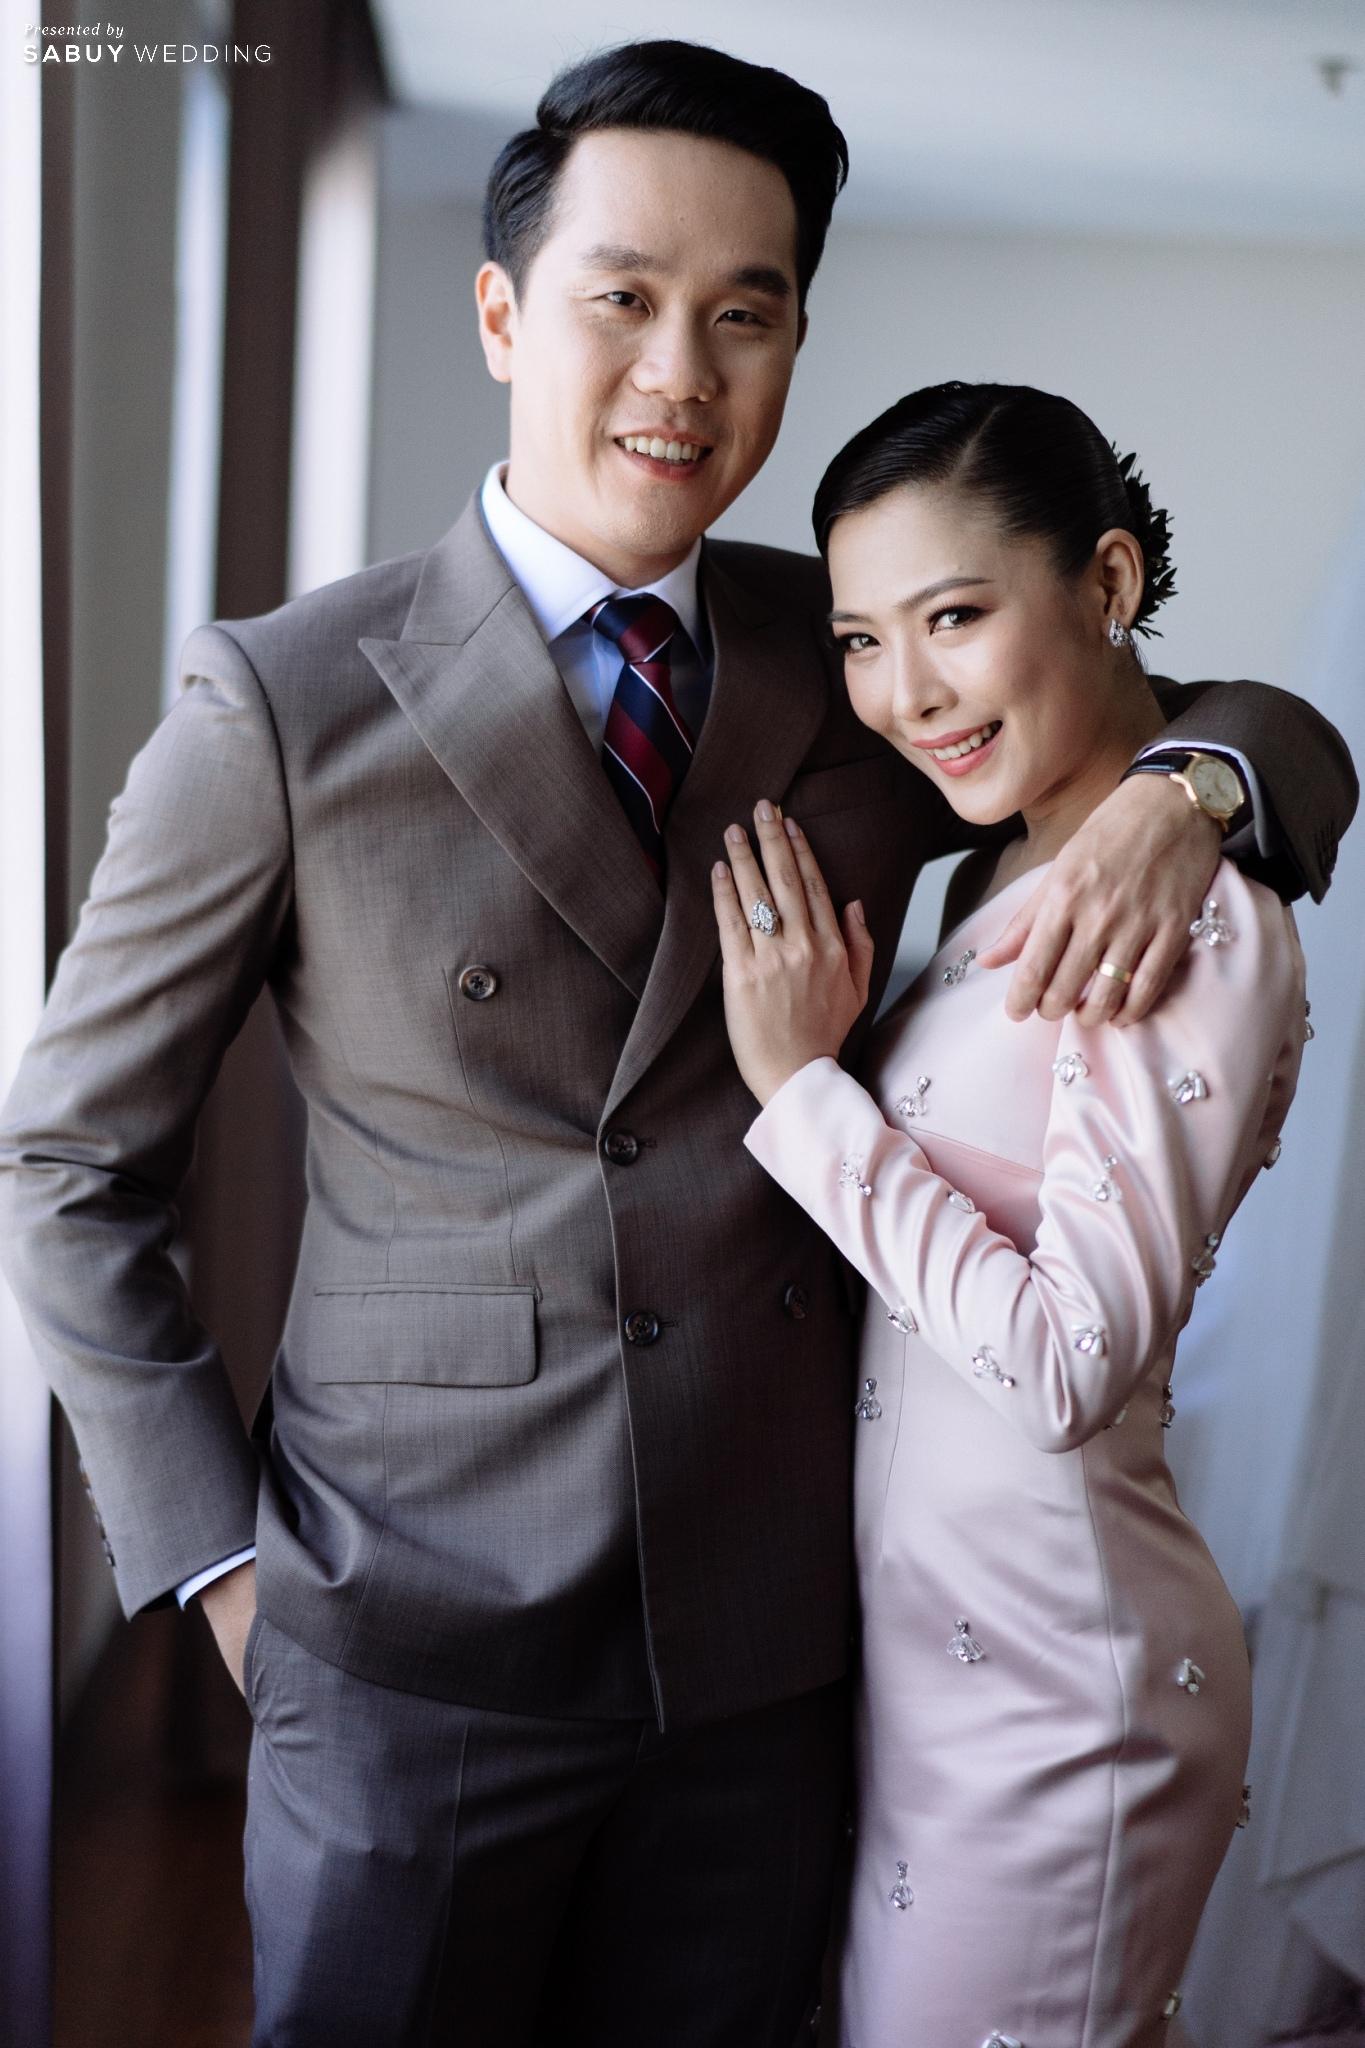 ชุดเจ้าสาว,ชุดแต่งงาน,ชุดเจ้าบ่าว รีวิวงานแต่ง 2 สถานที่ สวยดูดีสไตล์ Vintage Chinese Modern @ หอประชุมศาลเจ้าแม่ทับทิม